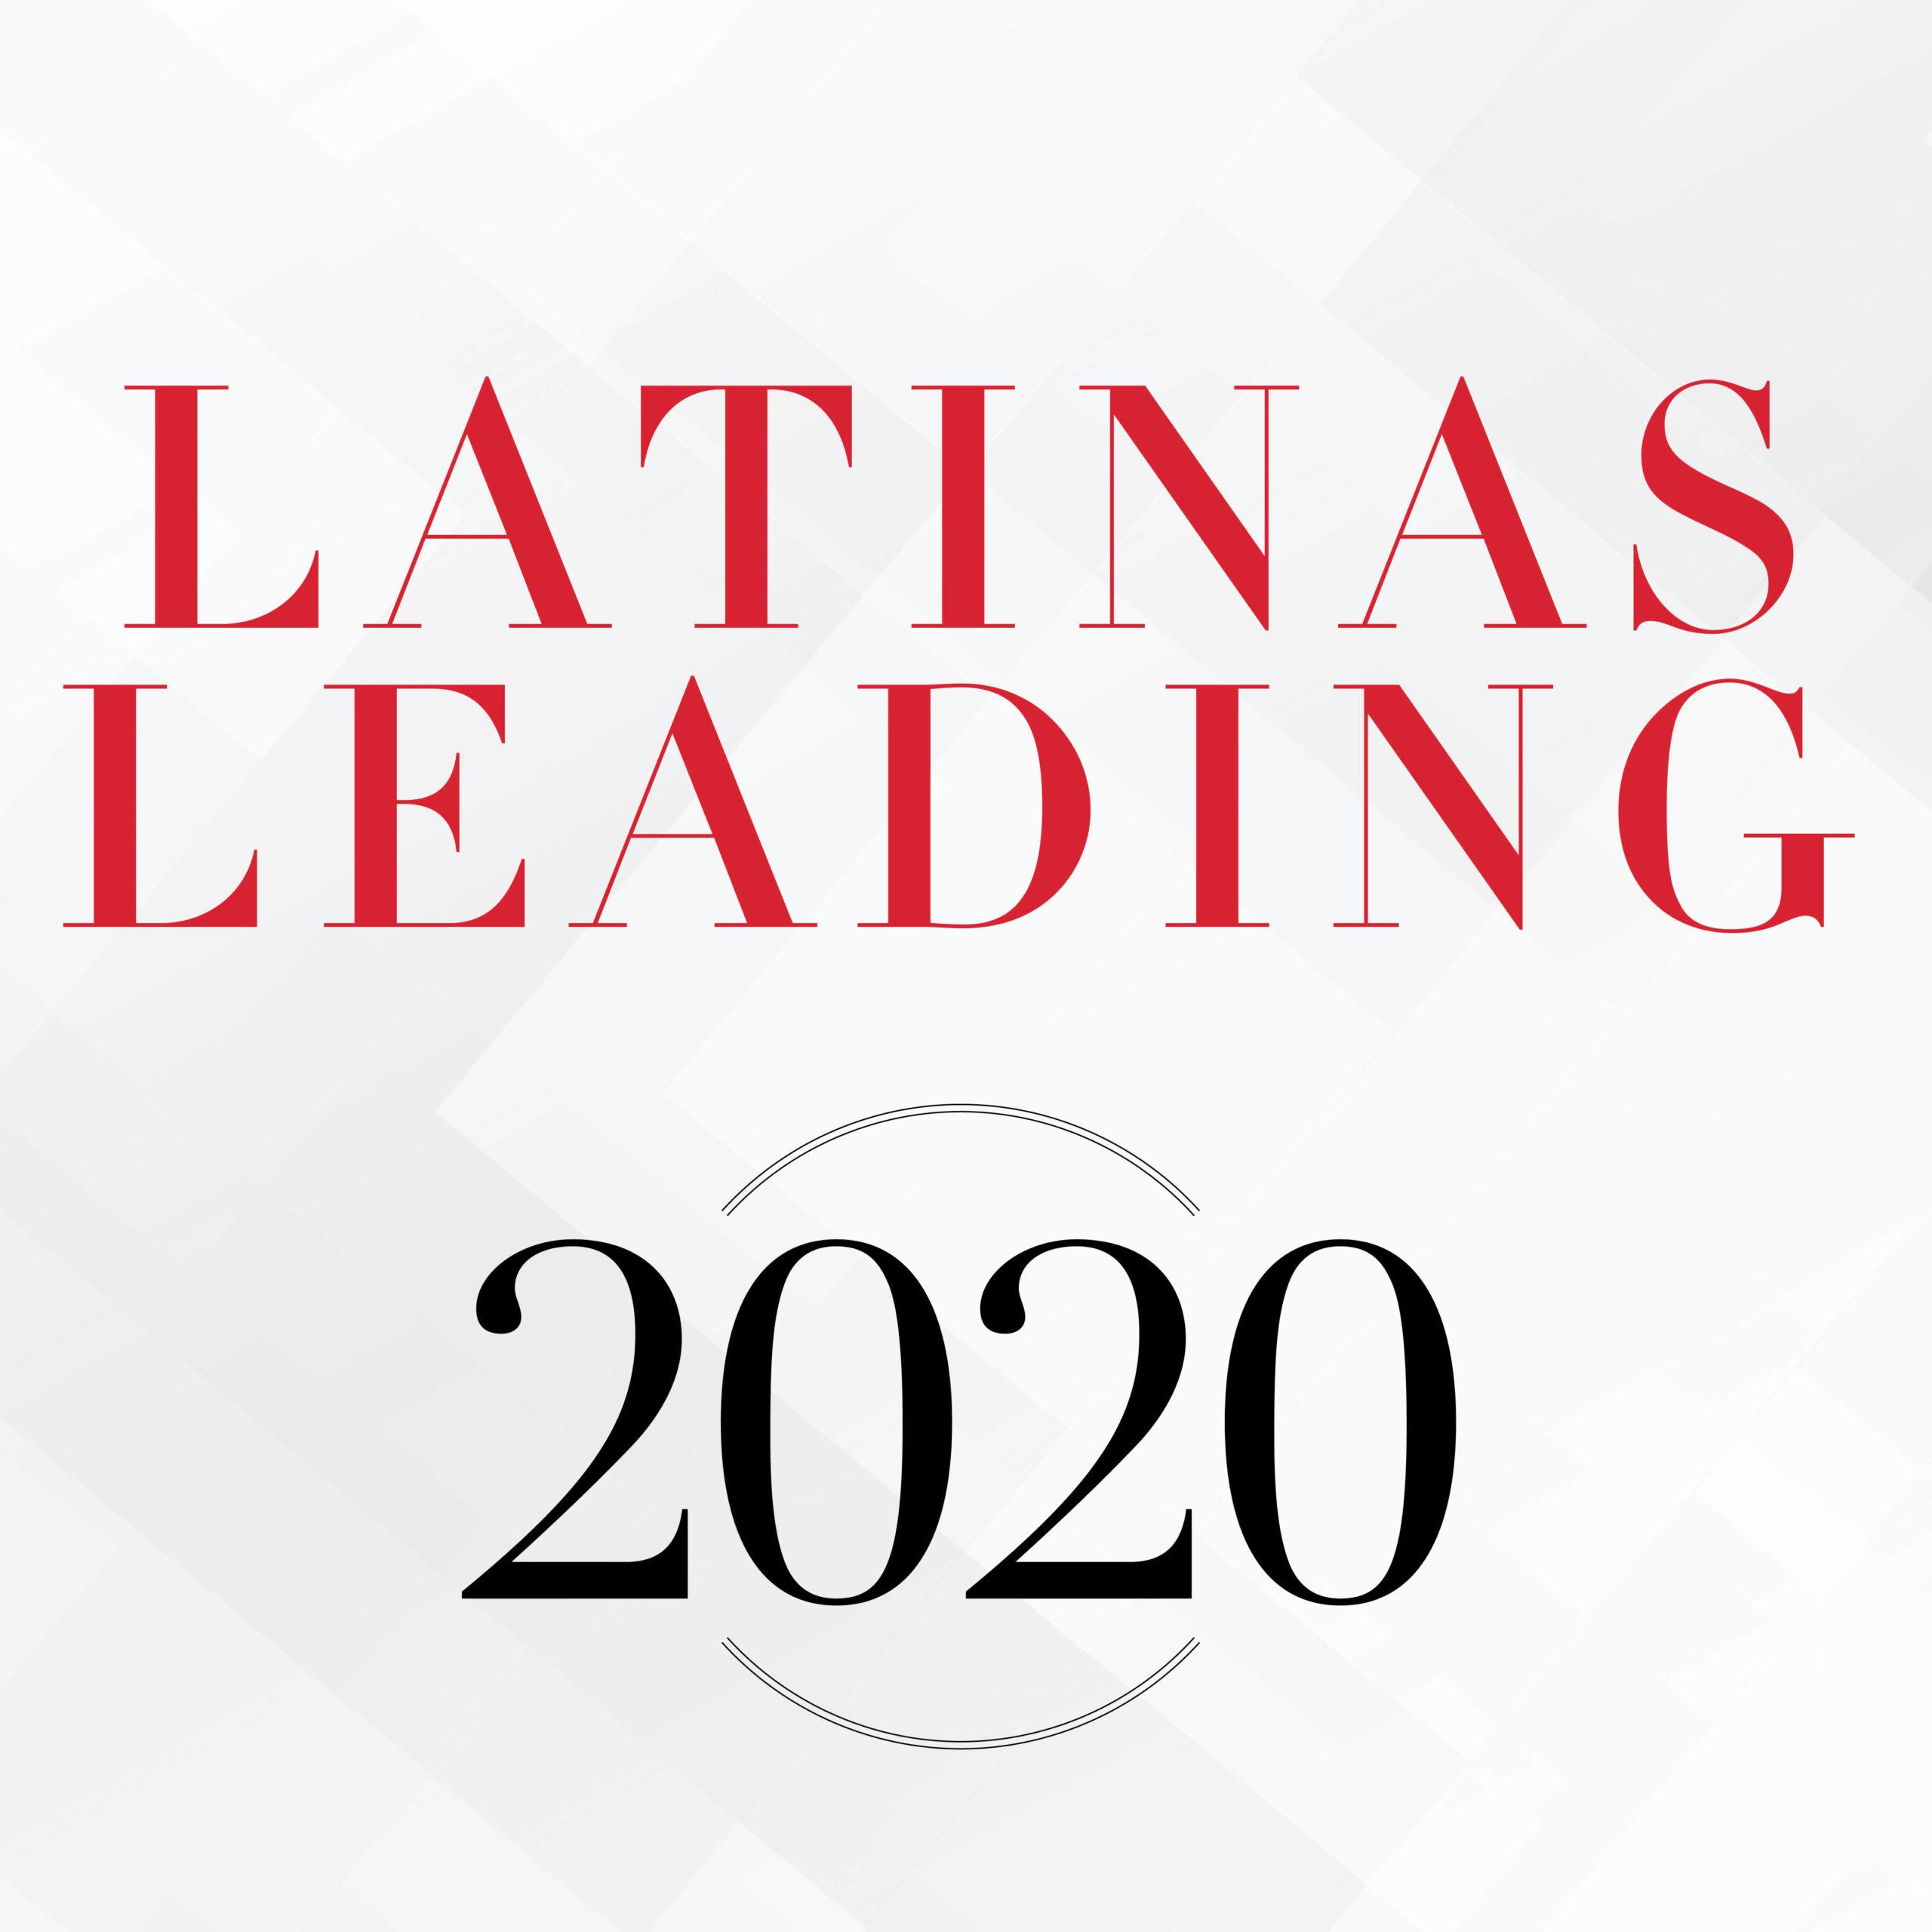 Latinas Leading 2020